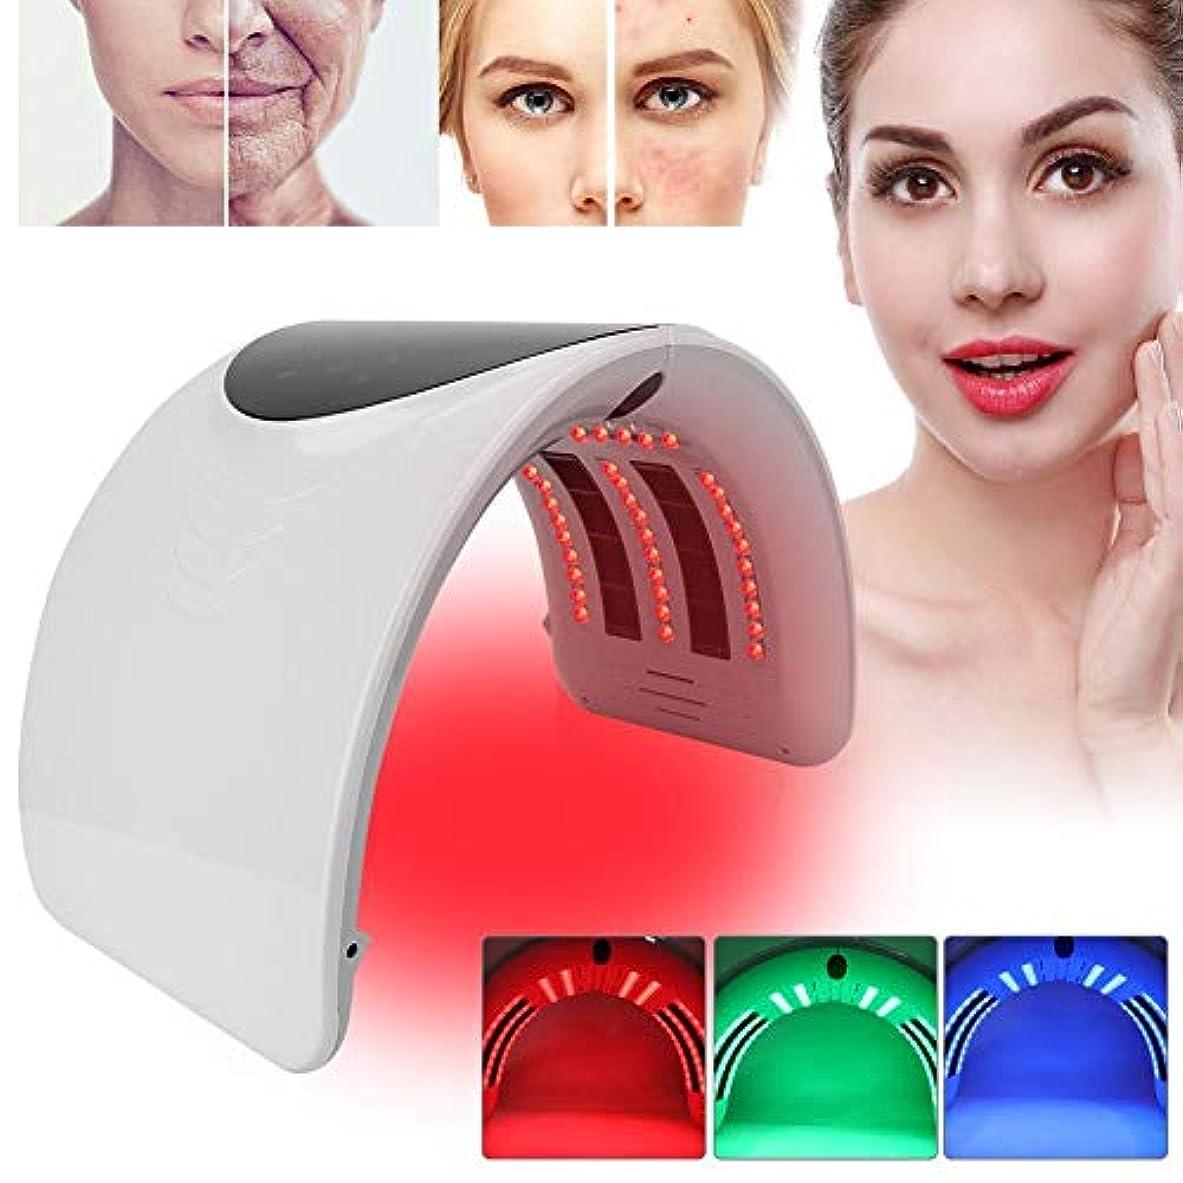 地下鉄振りかけるグリップSimlug 7色PDT折り畳み式皮膚若返りマシン、PDT美容セラピーマシン-ゴミの山ではなく、本当に良質の製品(US)